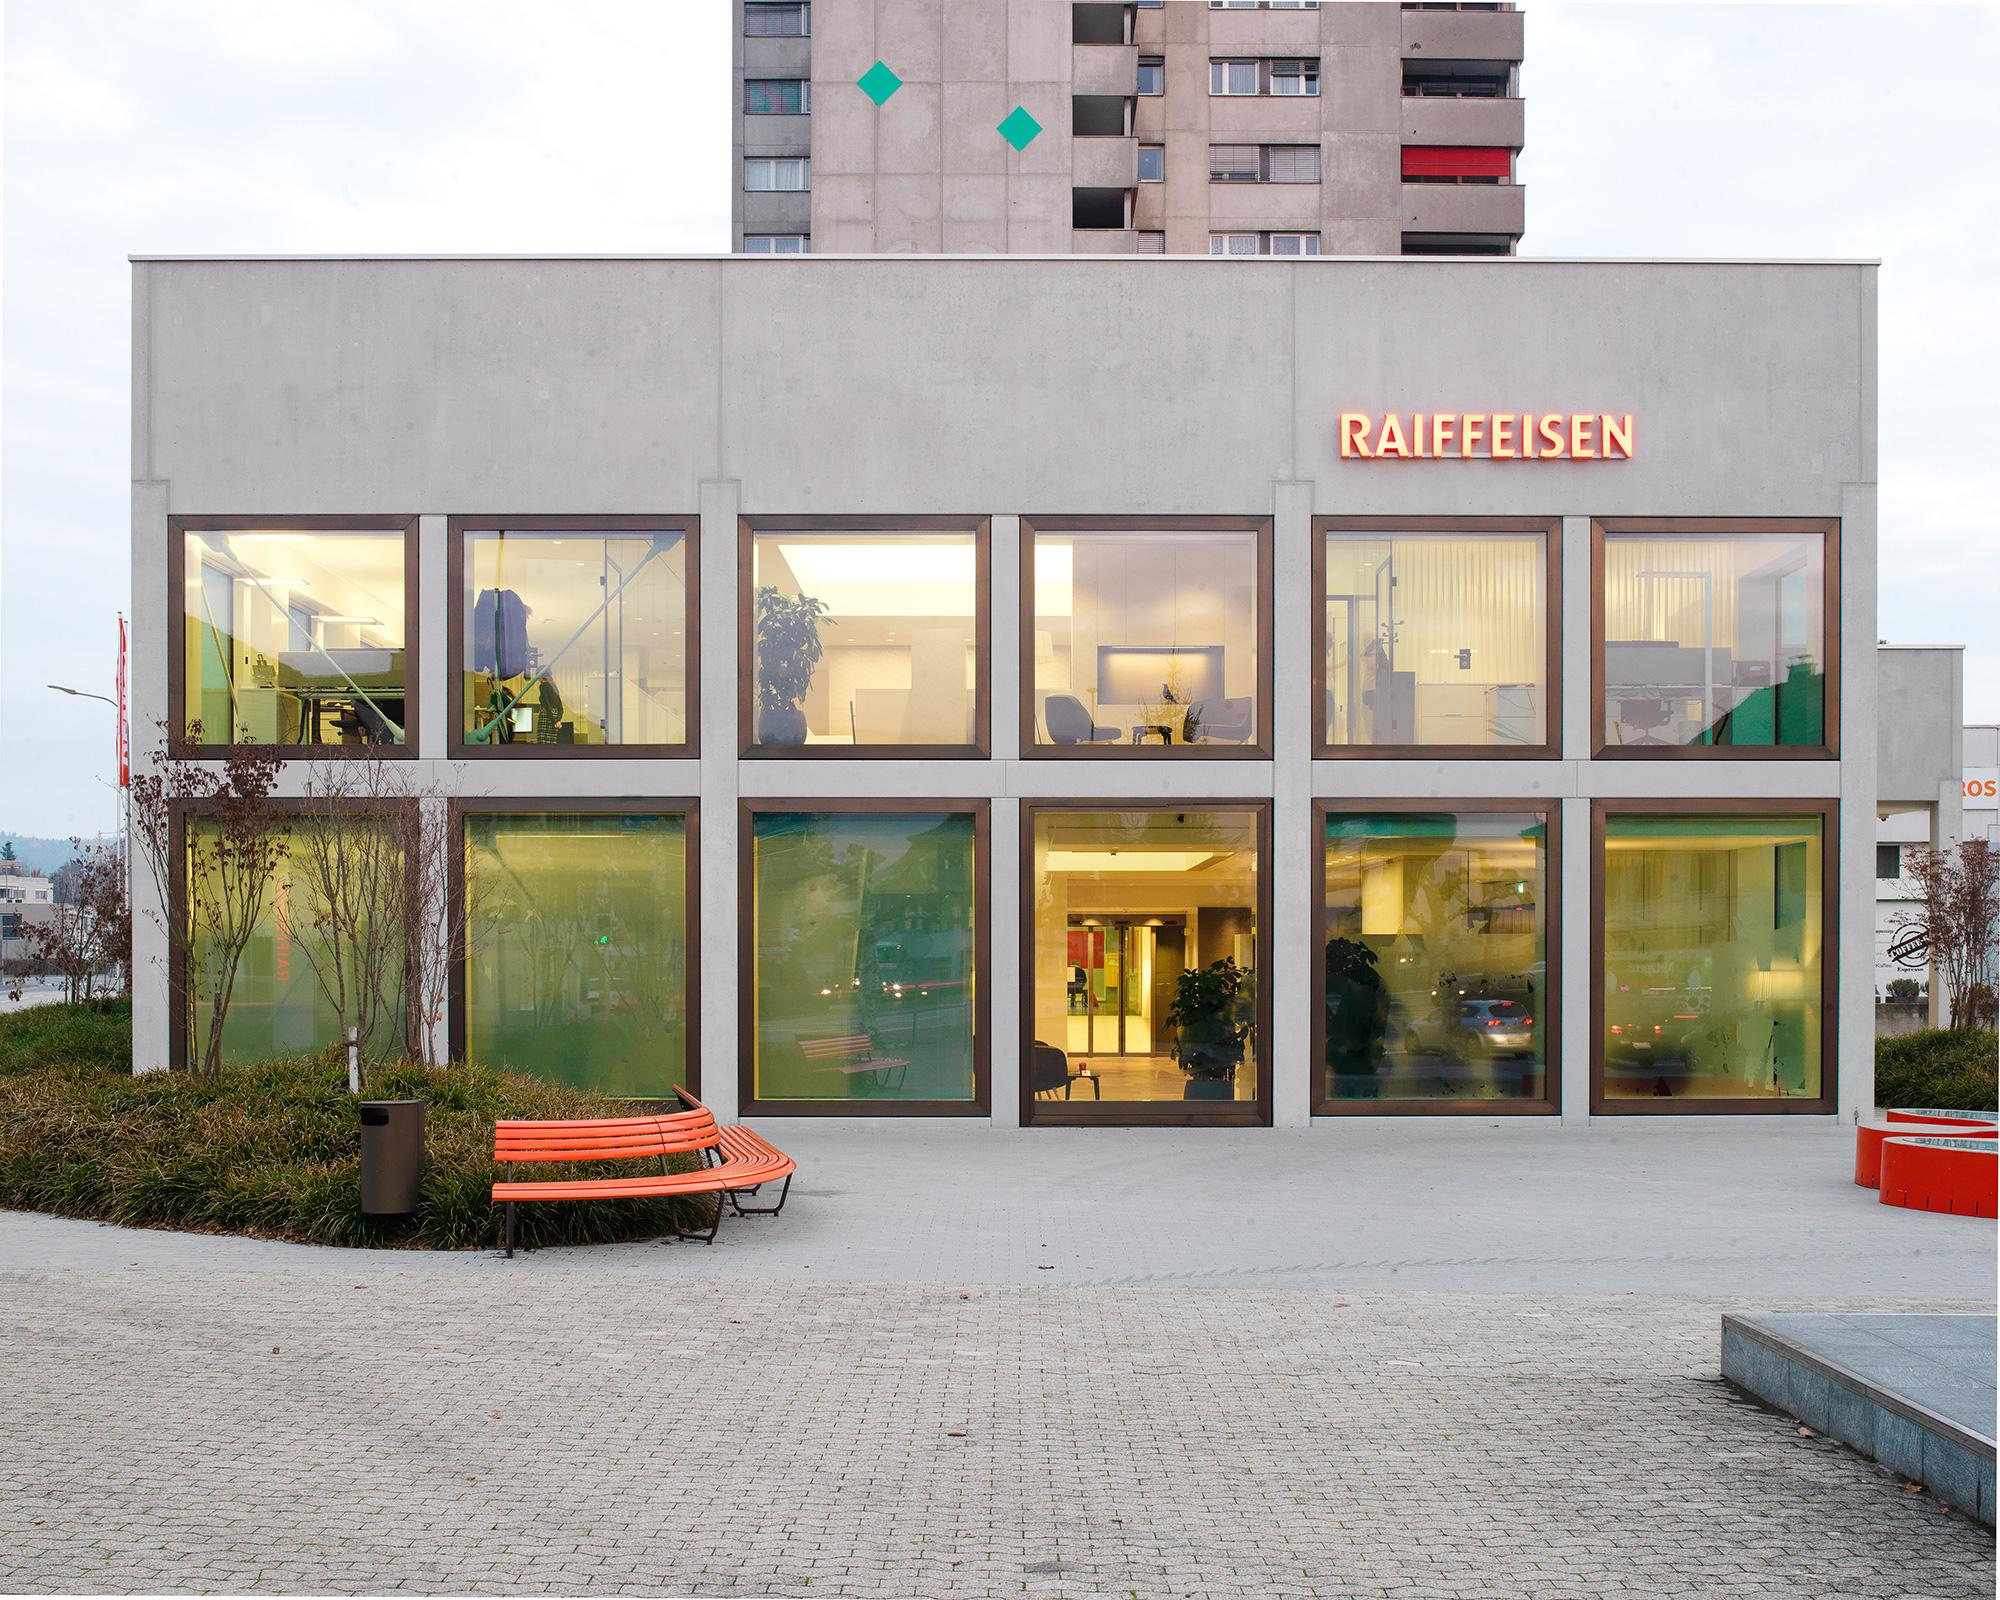 1508 Raiffeisen Standort Oftringen